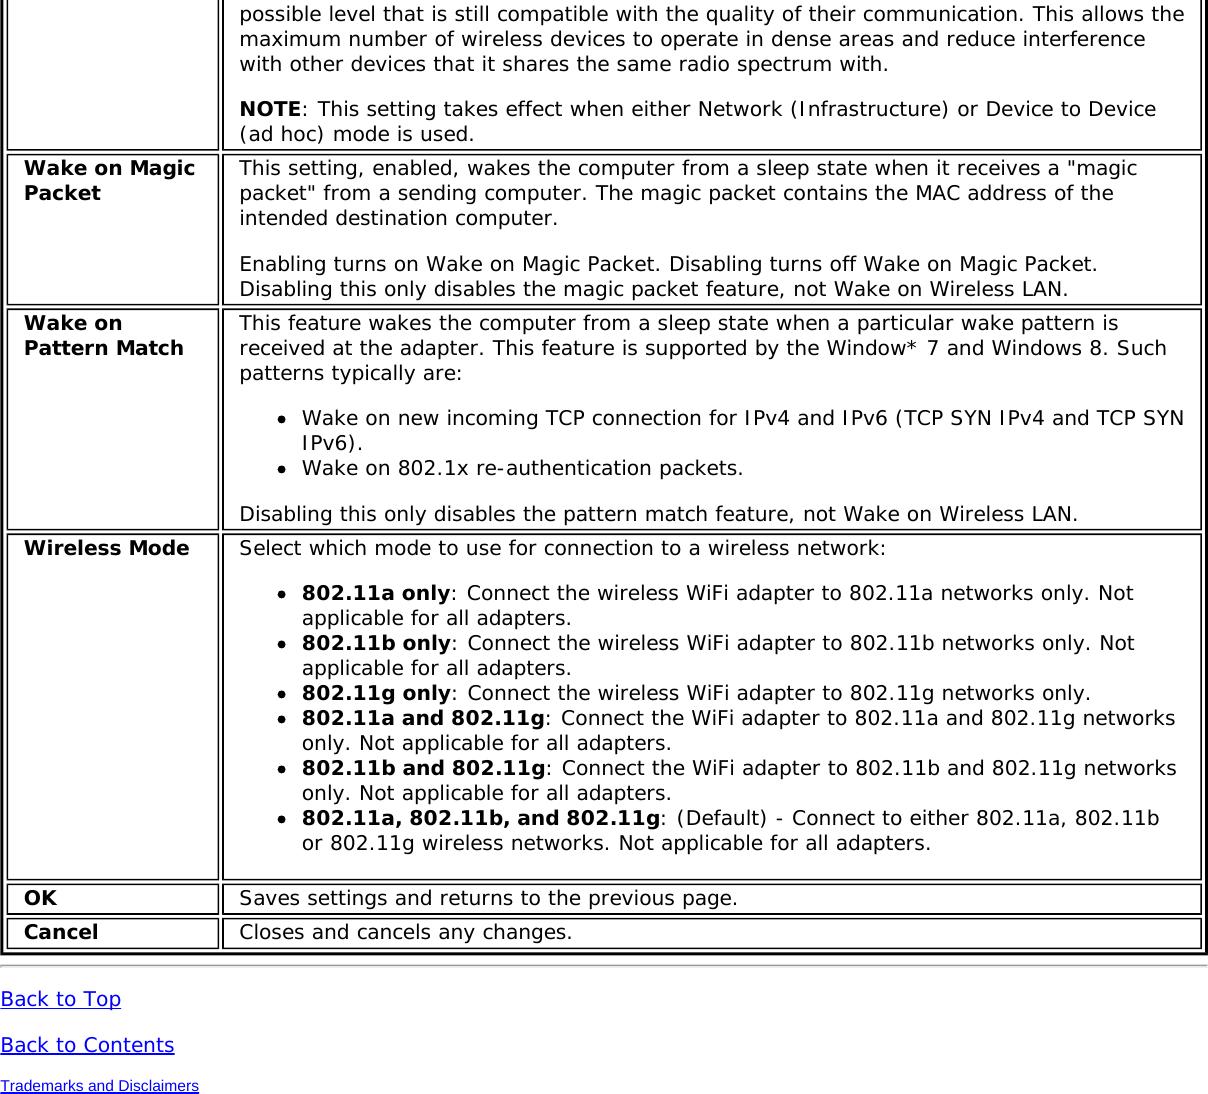 Intel 9560NG Intel Dual Band Wireless-AC 9560 User Manual